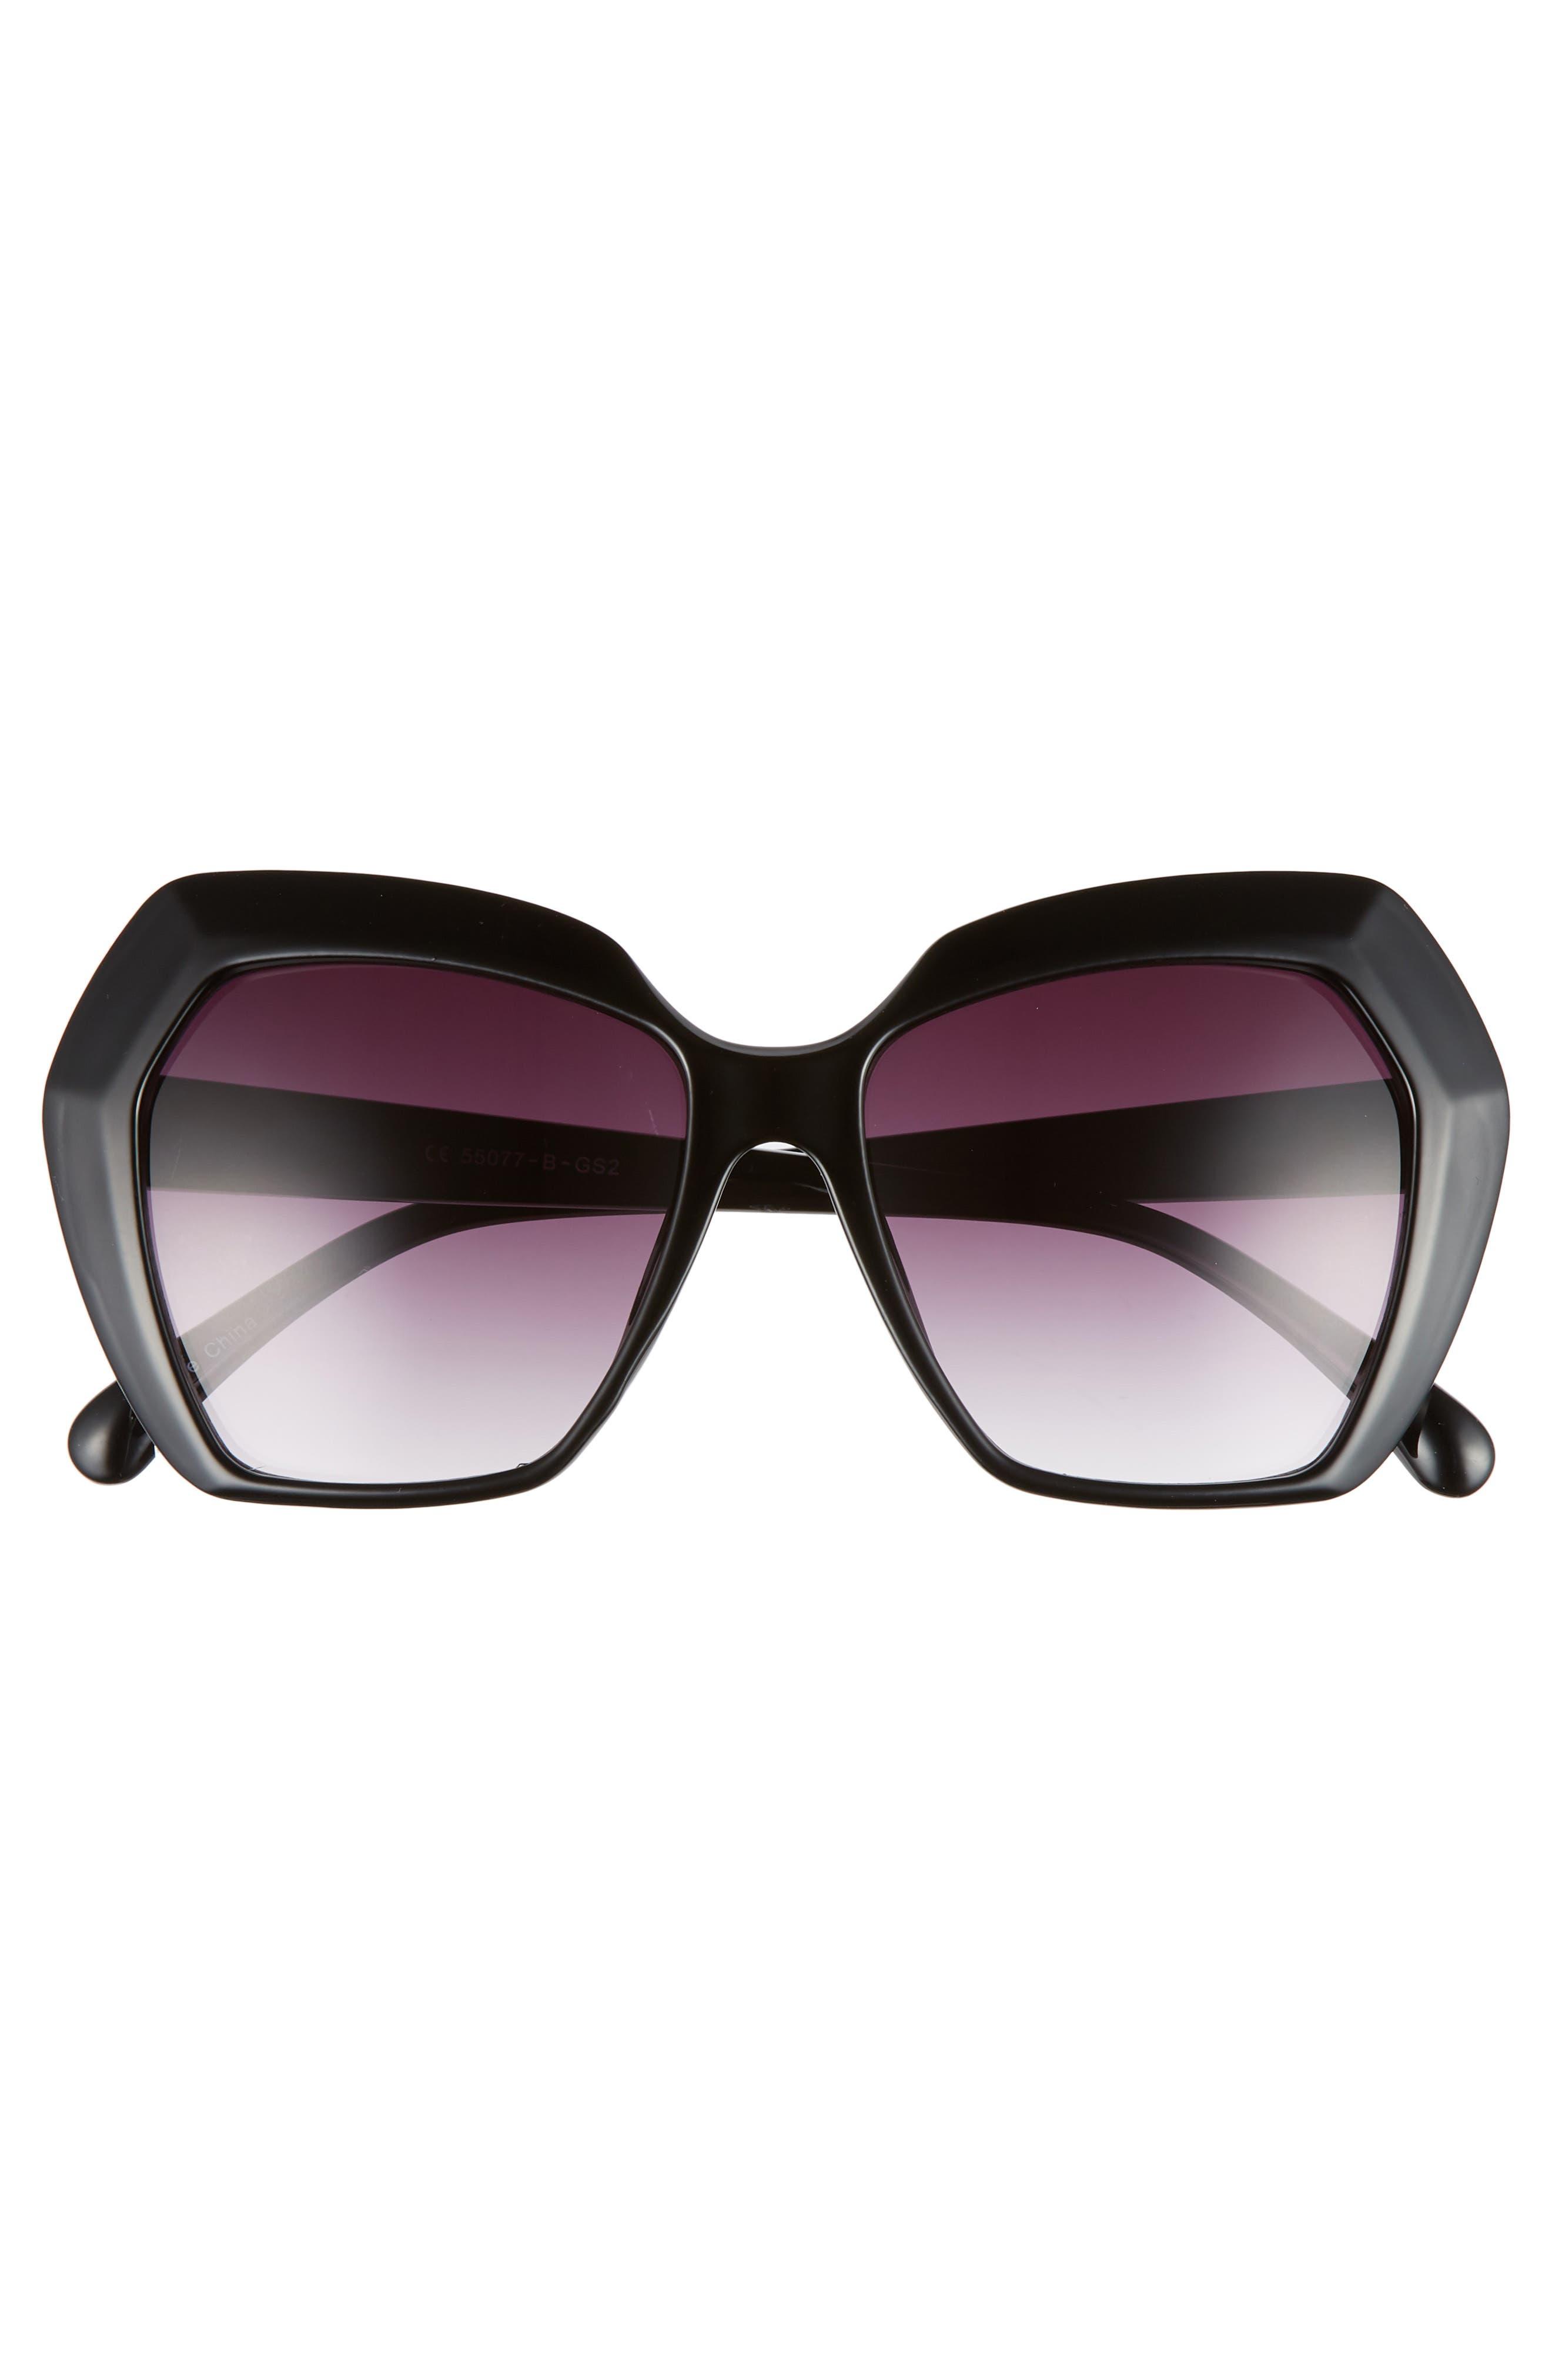 54mm Geometric Sunglasses,                             Alternate thumbnail 3, color,                             BLACK